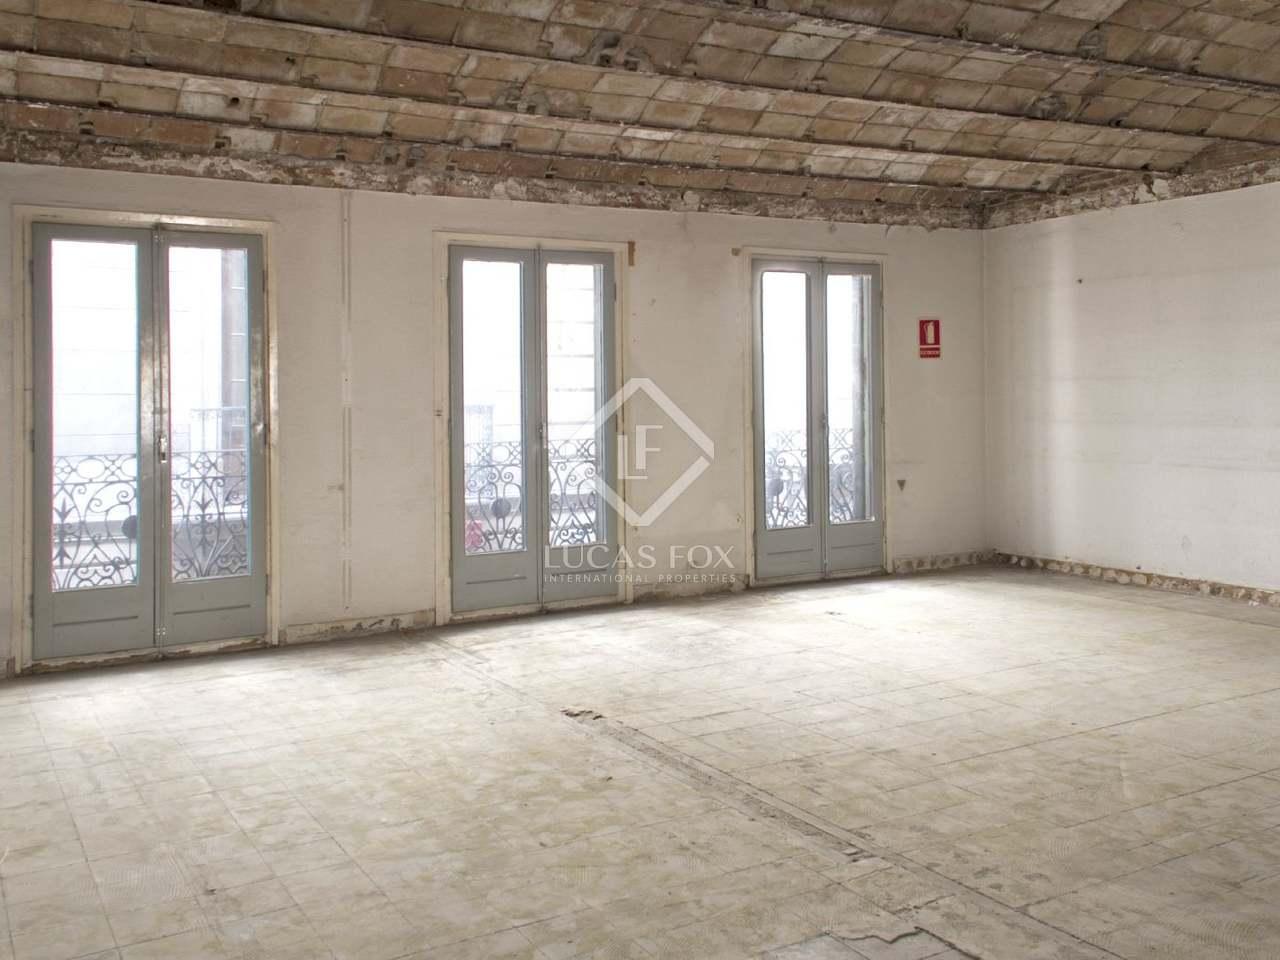 Appartement loft r nover dans le centre historique de valence - Appartement vente barcelone ...